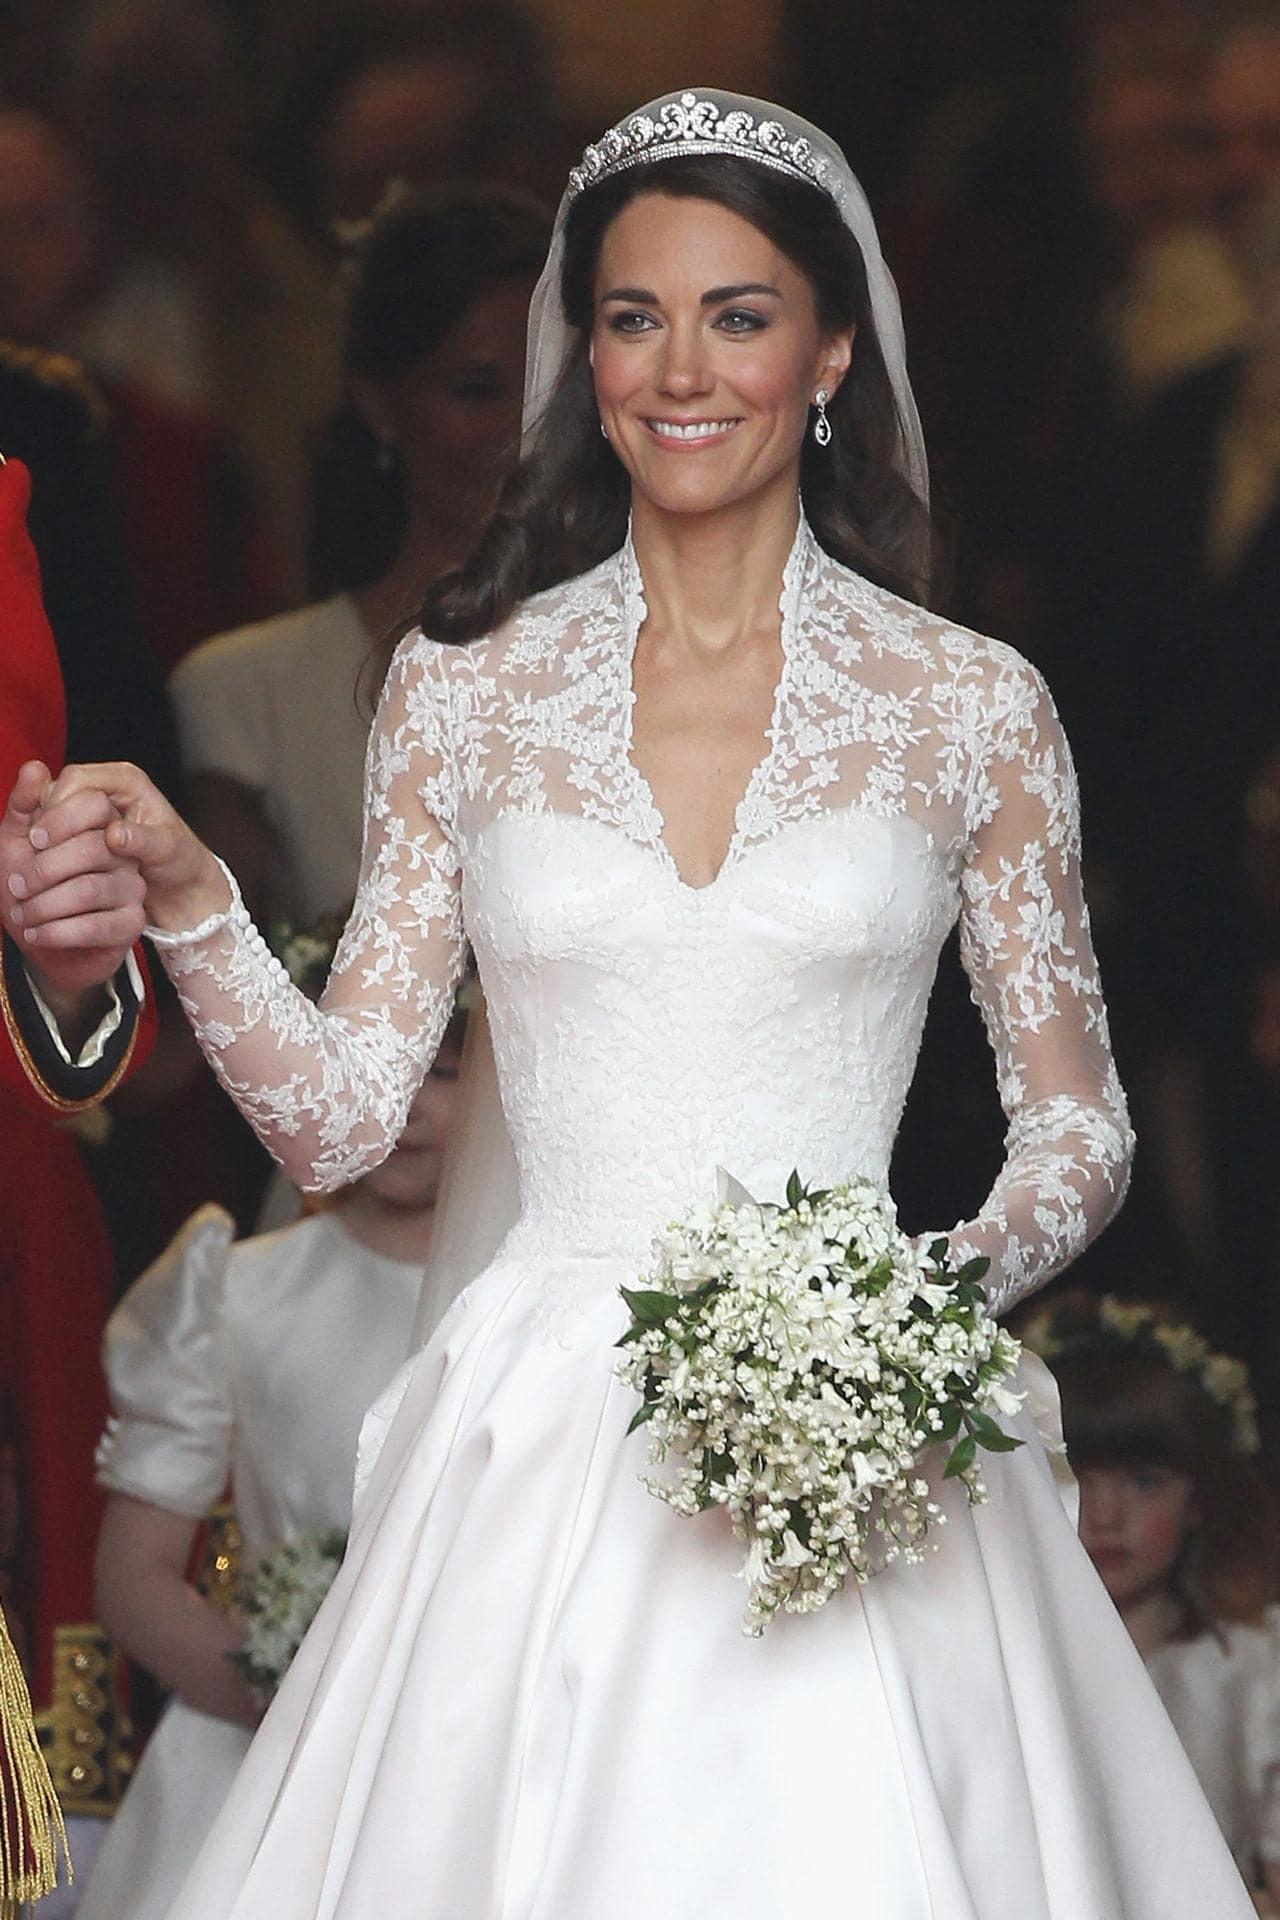 Giới chuyên gia chắc mẩm rằng váy cưới của Meghan Markle rẻ hơn Công nương Kate, và lý do là... - Ảnh 2.